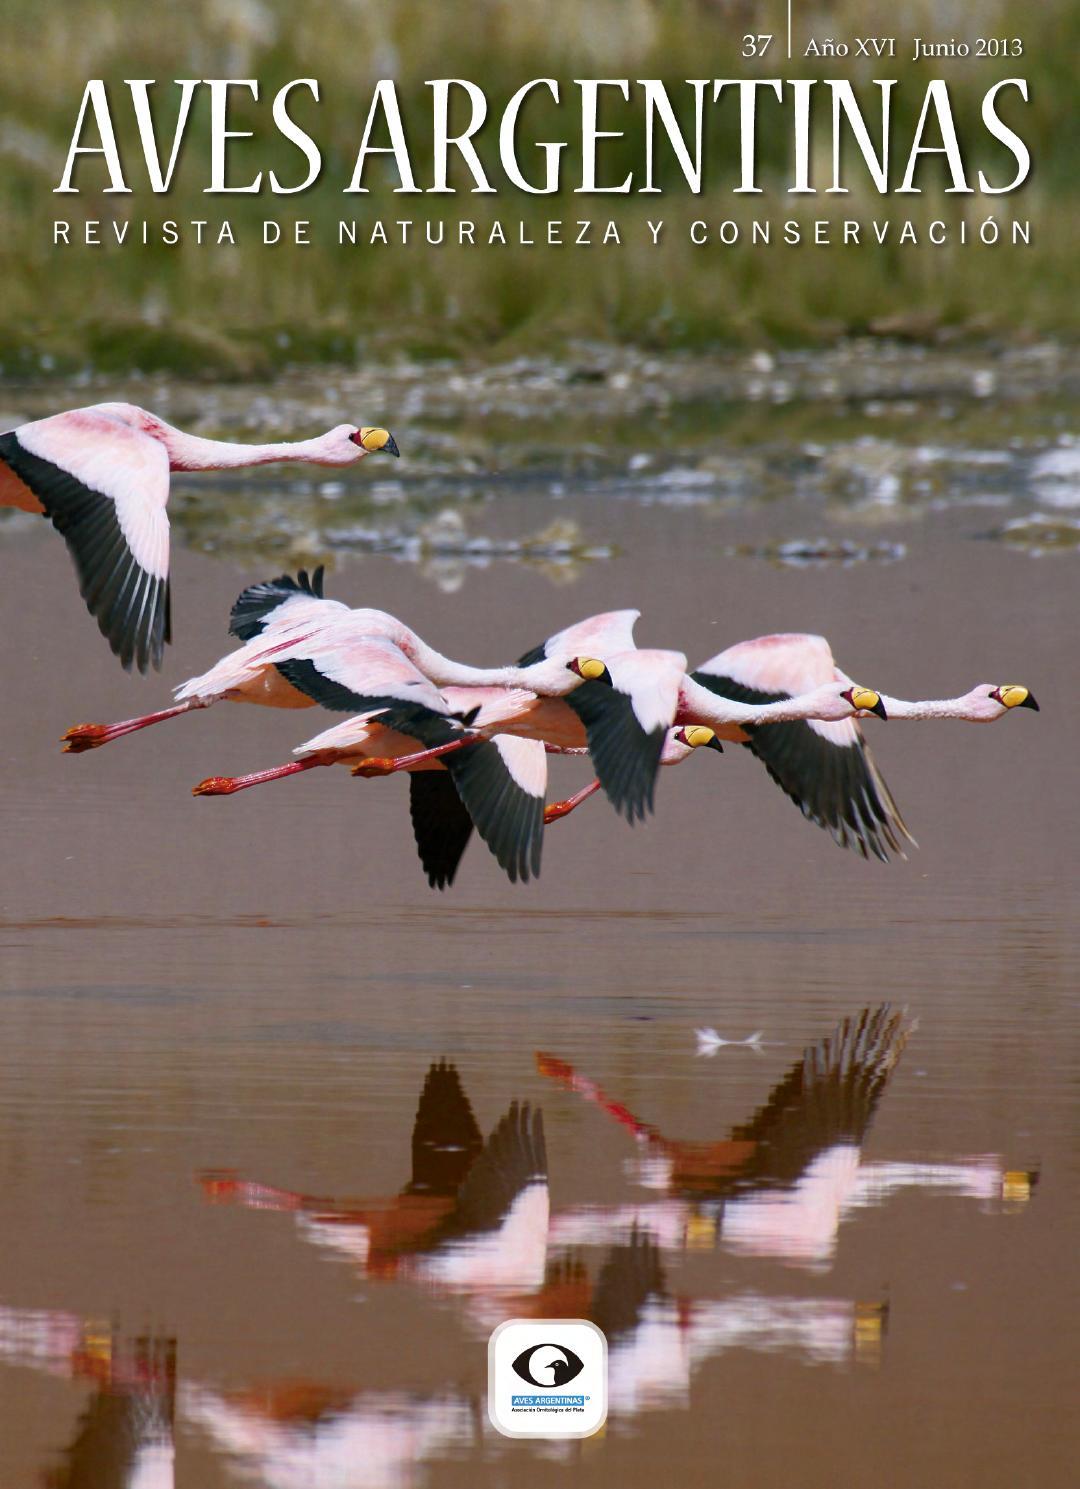 962839dbec0fb Revista Aves Argentinas   Naturaleza y Conservación 37 by Aves Argentinas -  issuu